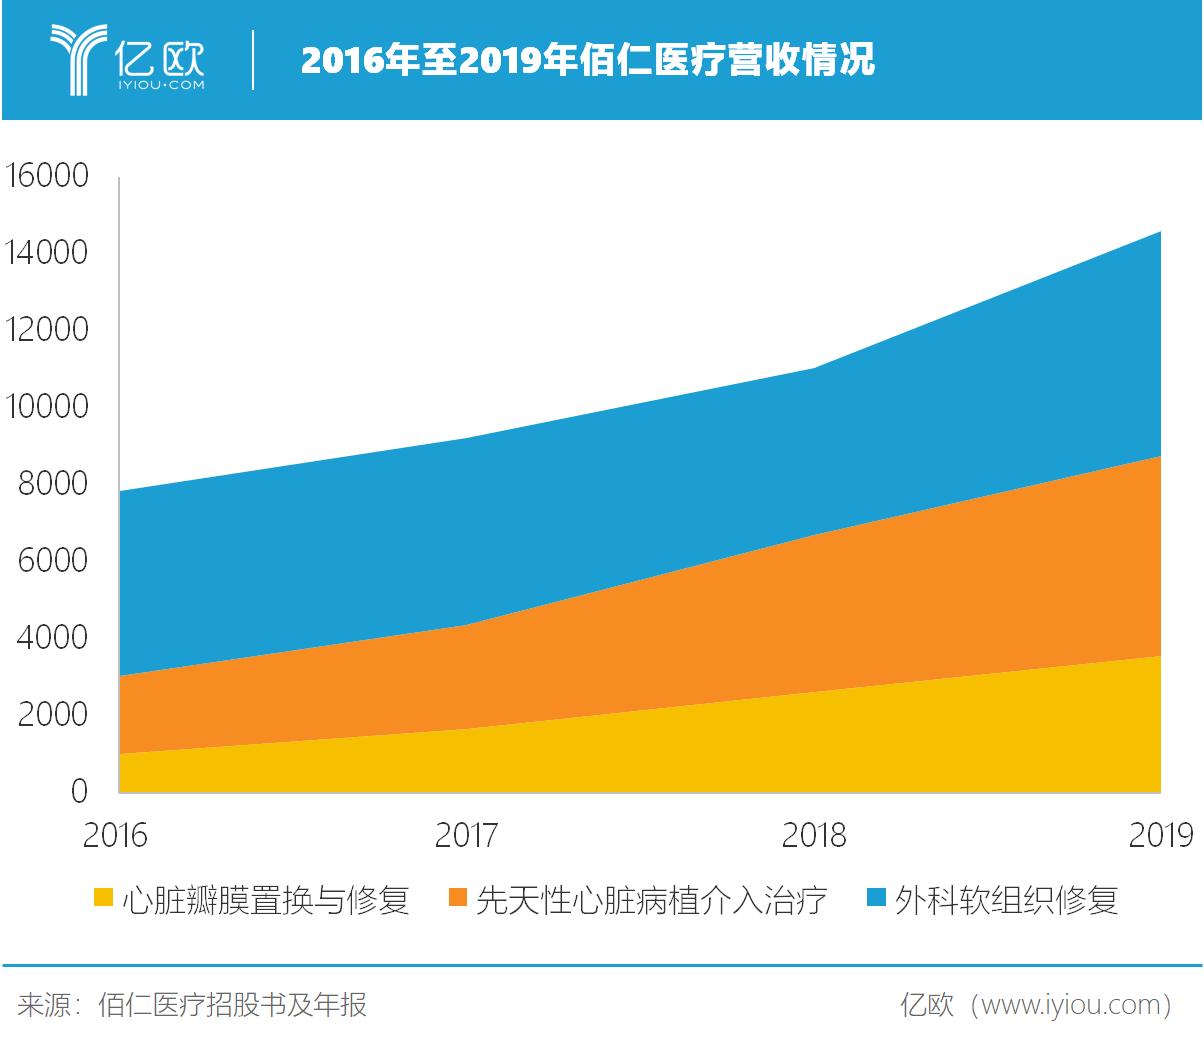 2016年至2019年佰仁医疗营收情况